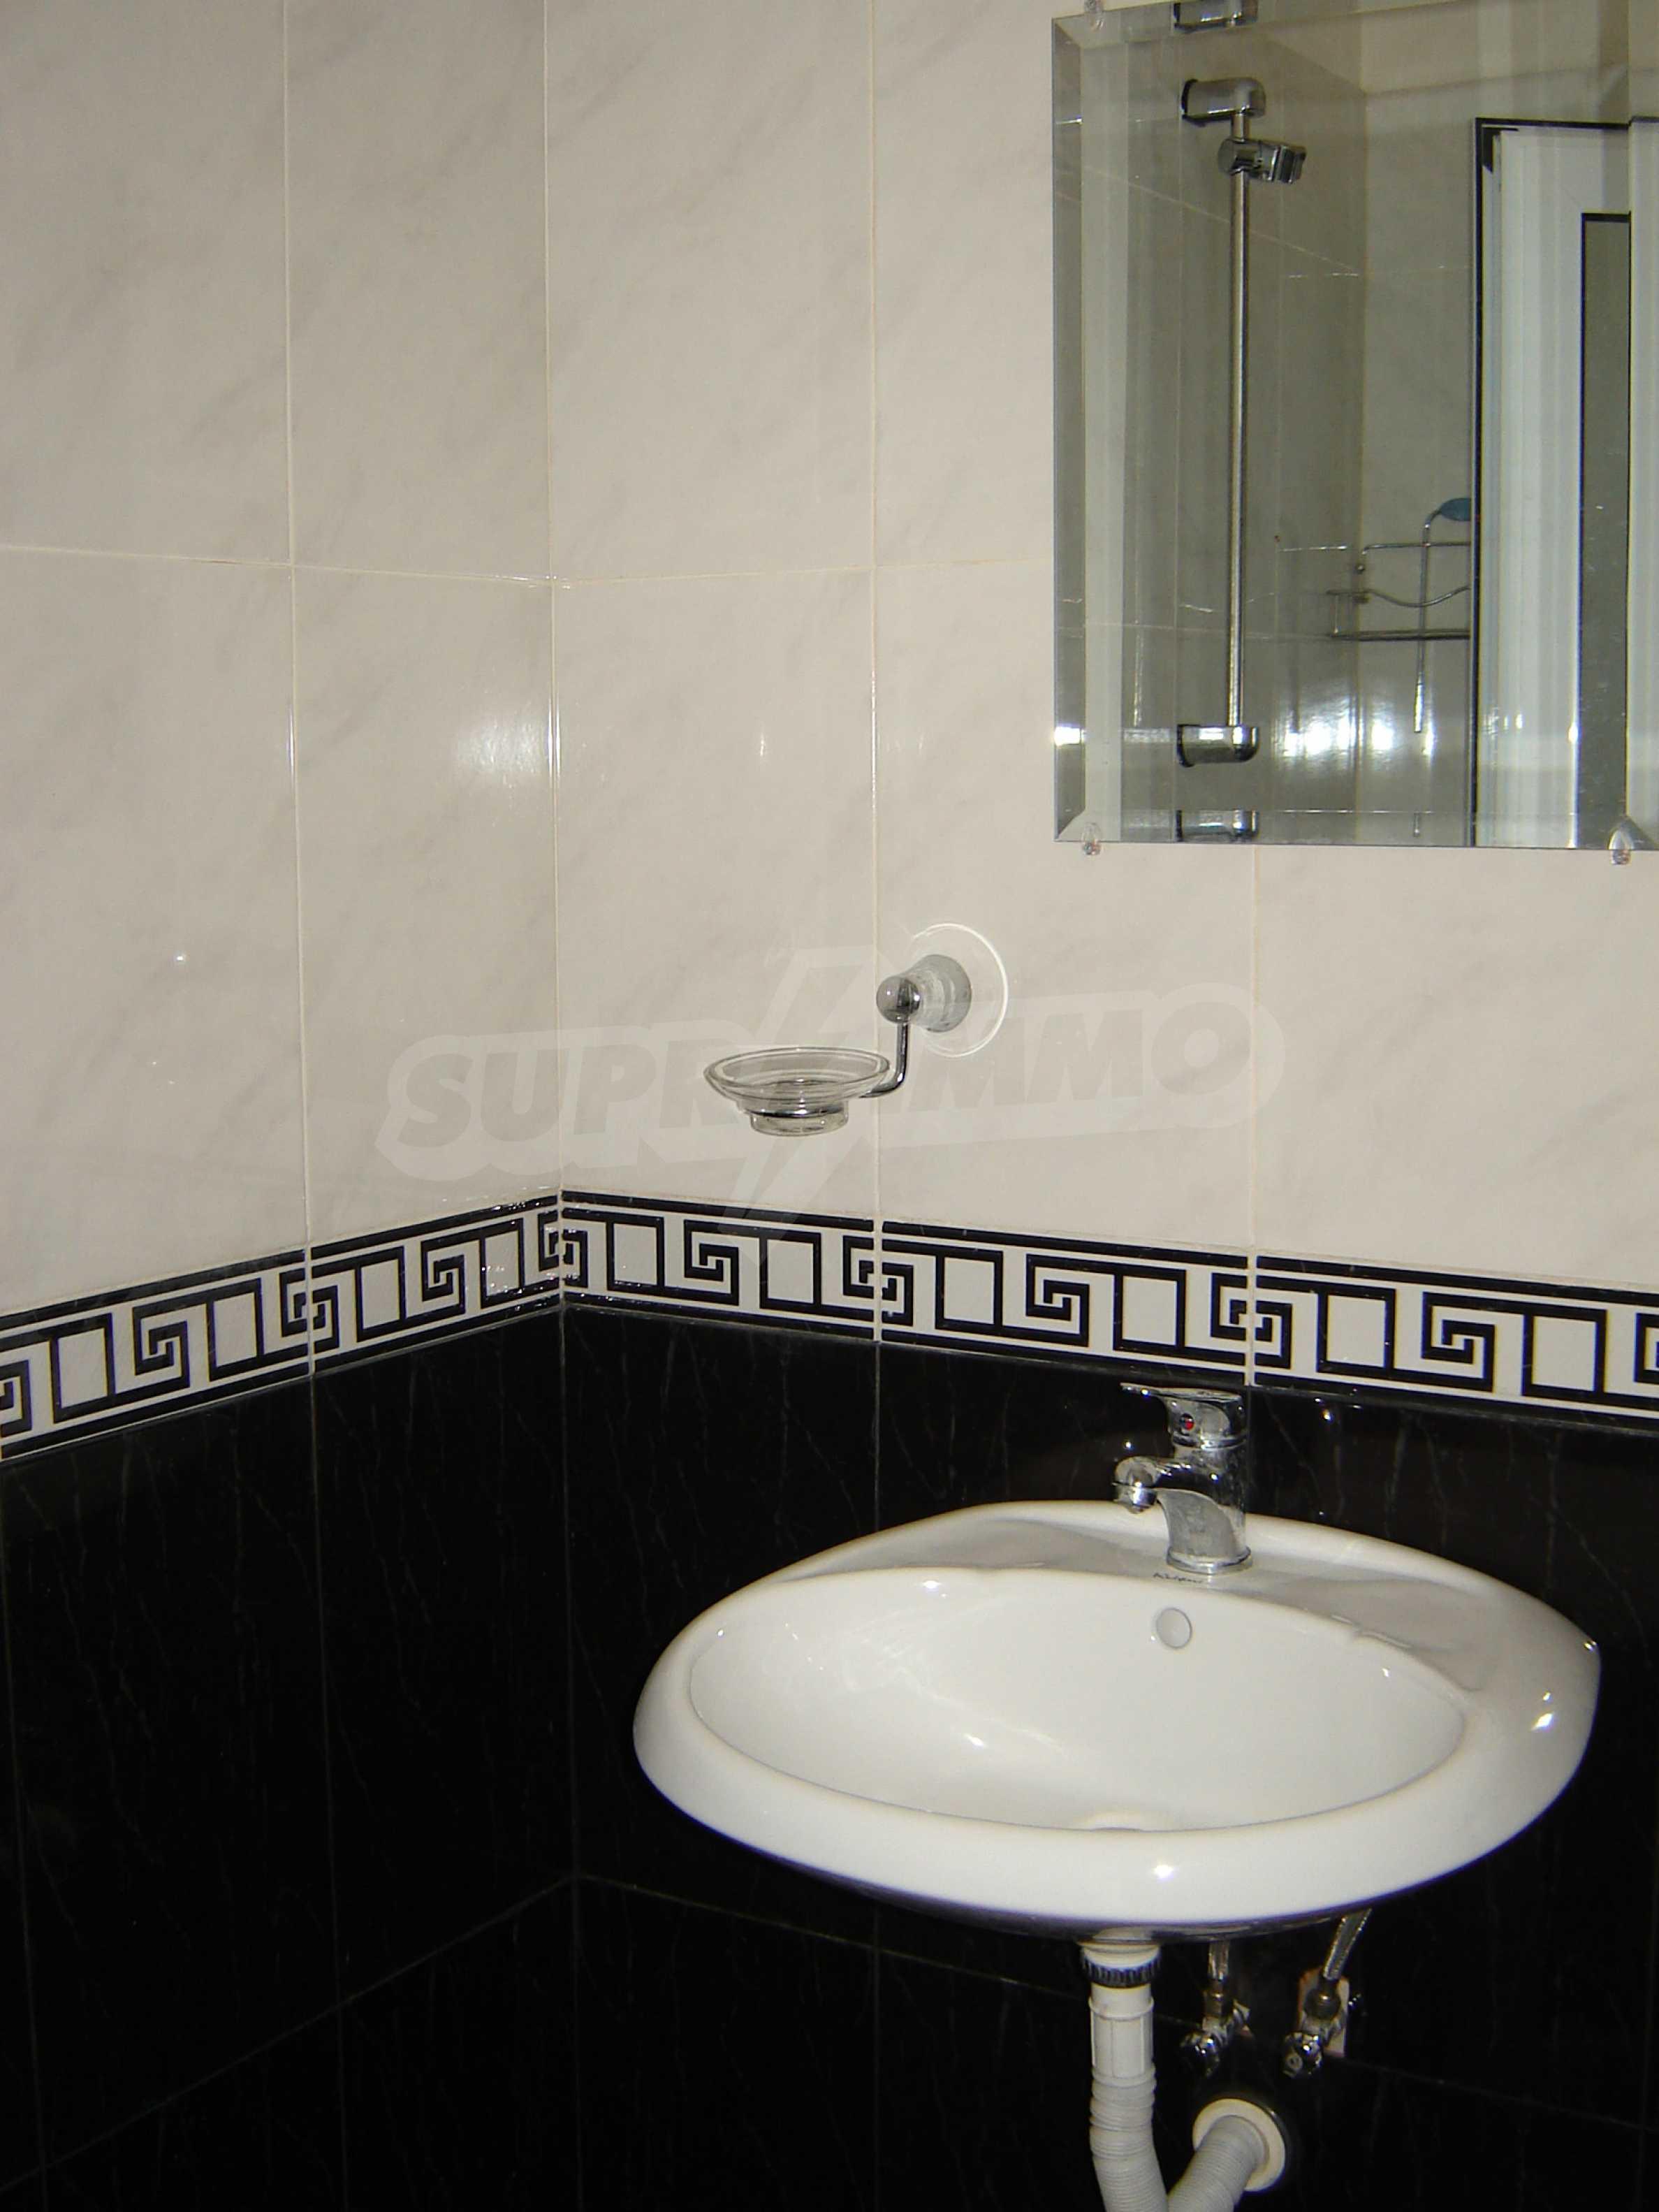 House of family hotel type for sale in Primorsko 17